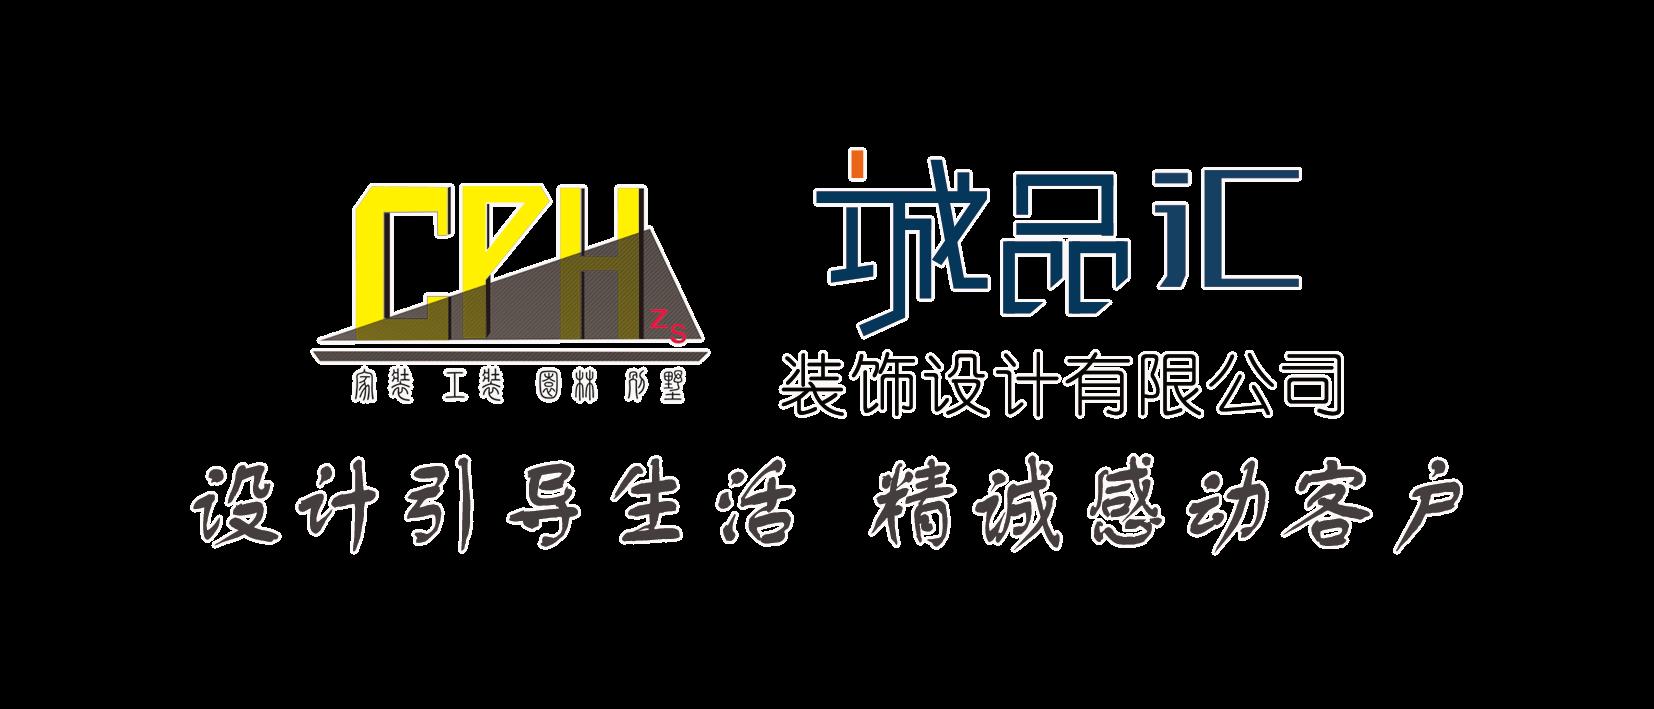 梅州市梅县区华侨城诚品汇贸易行